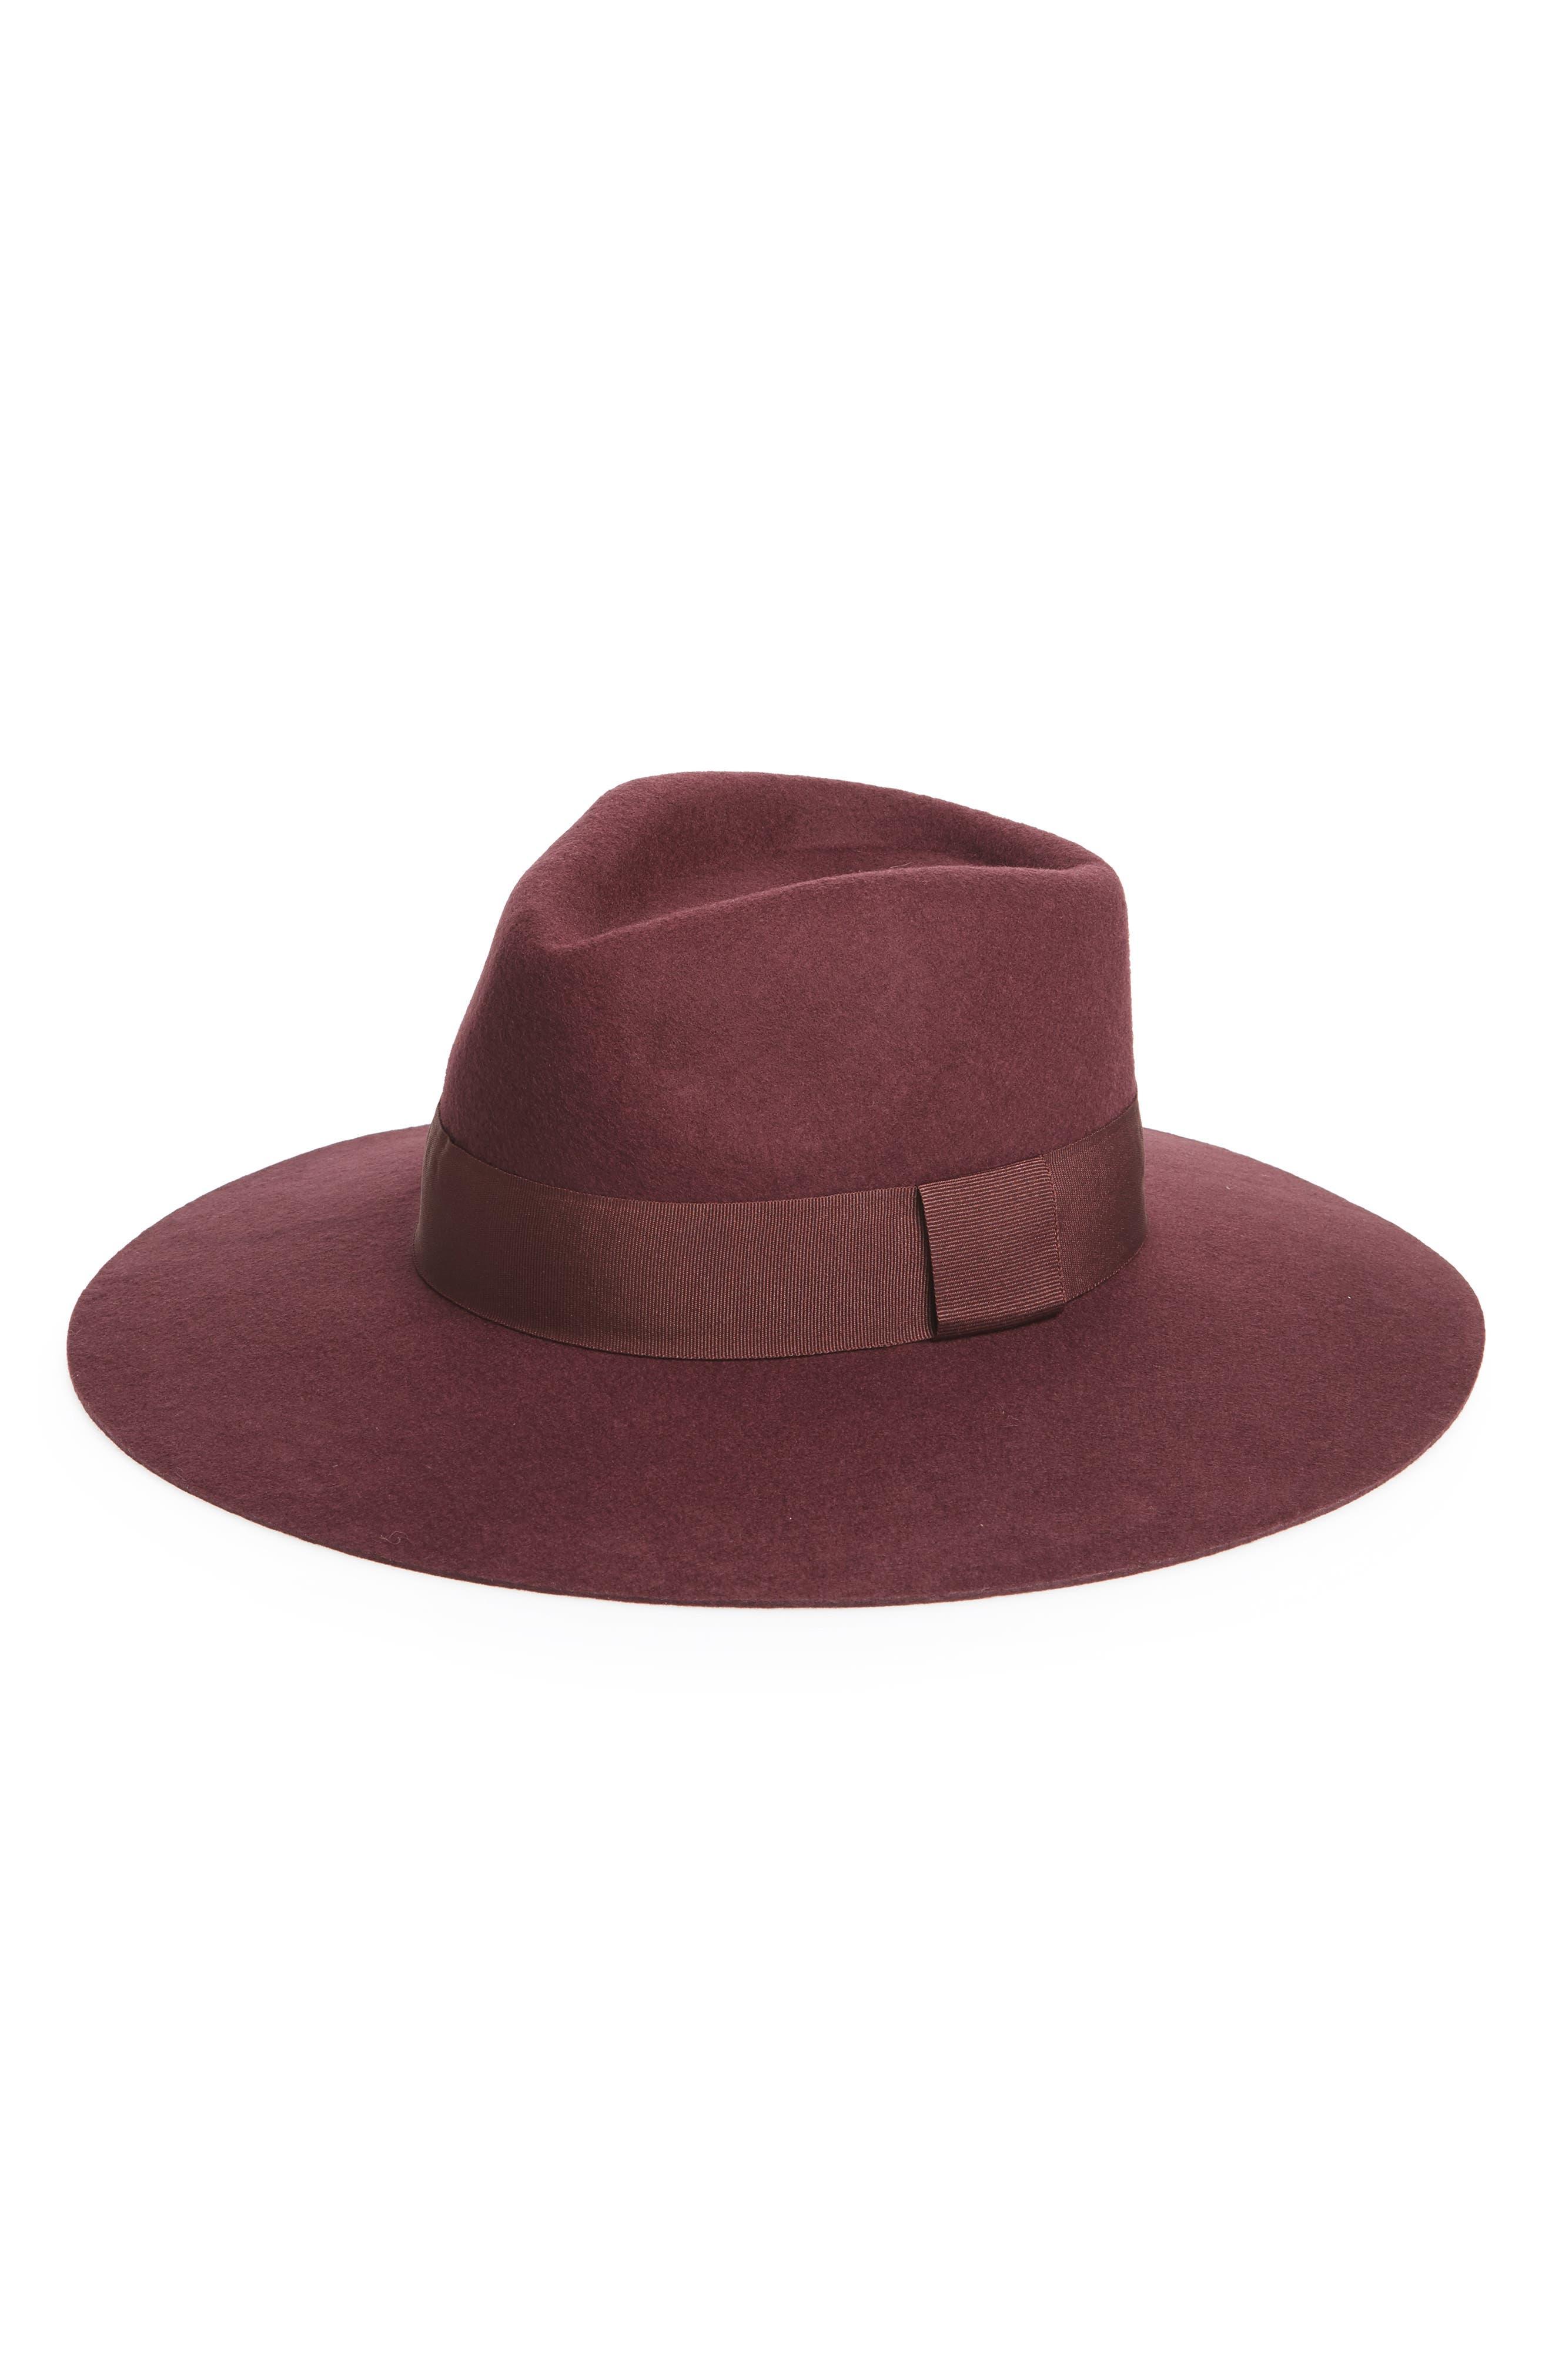 Wool Panama Hat,                         Main,                         color, Burgundy